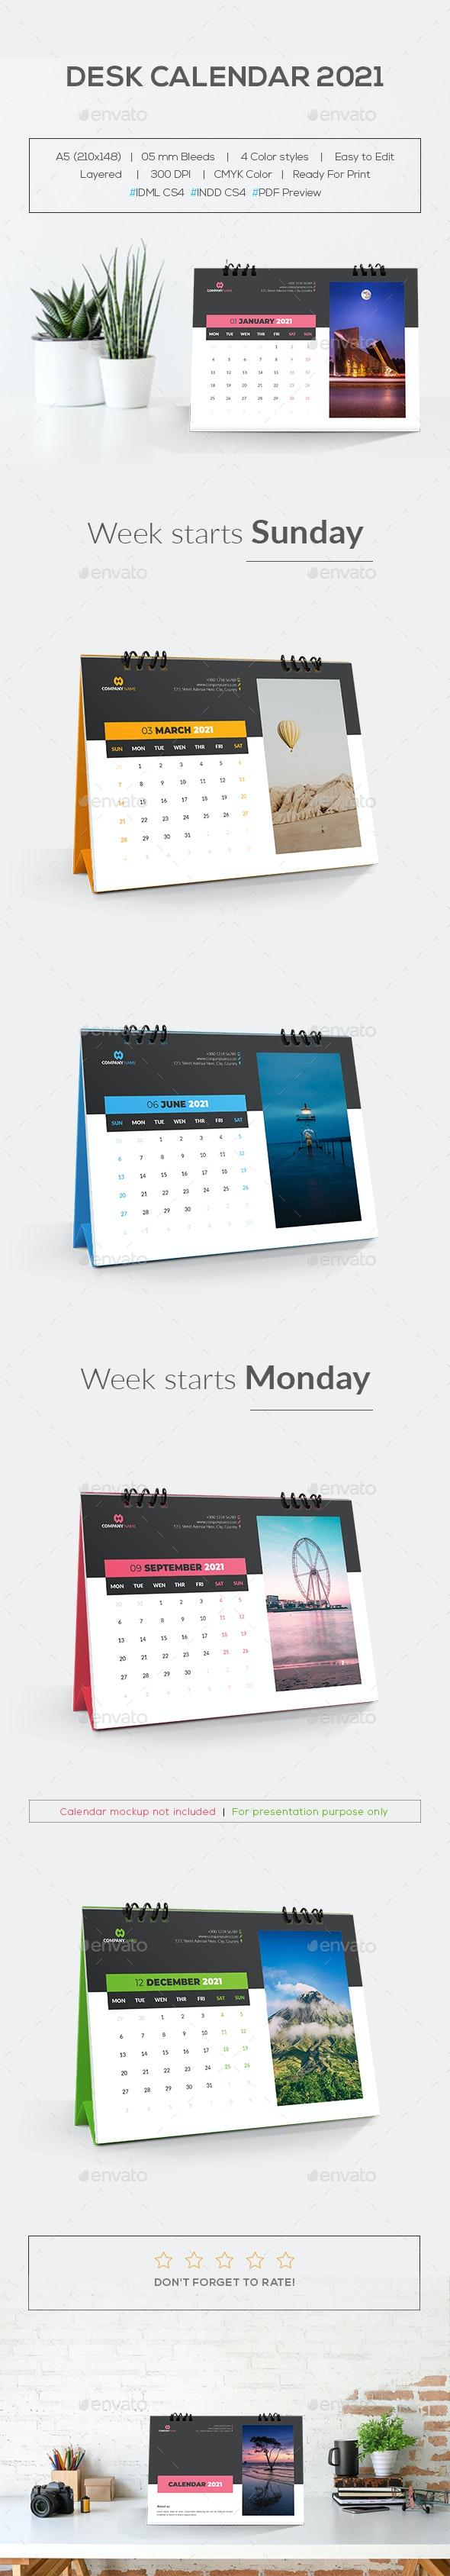 Desk Calendar 2021 by MstArtwork   GraphicRiver